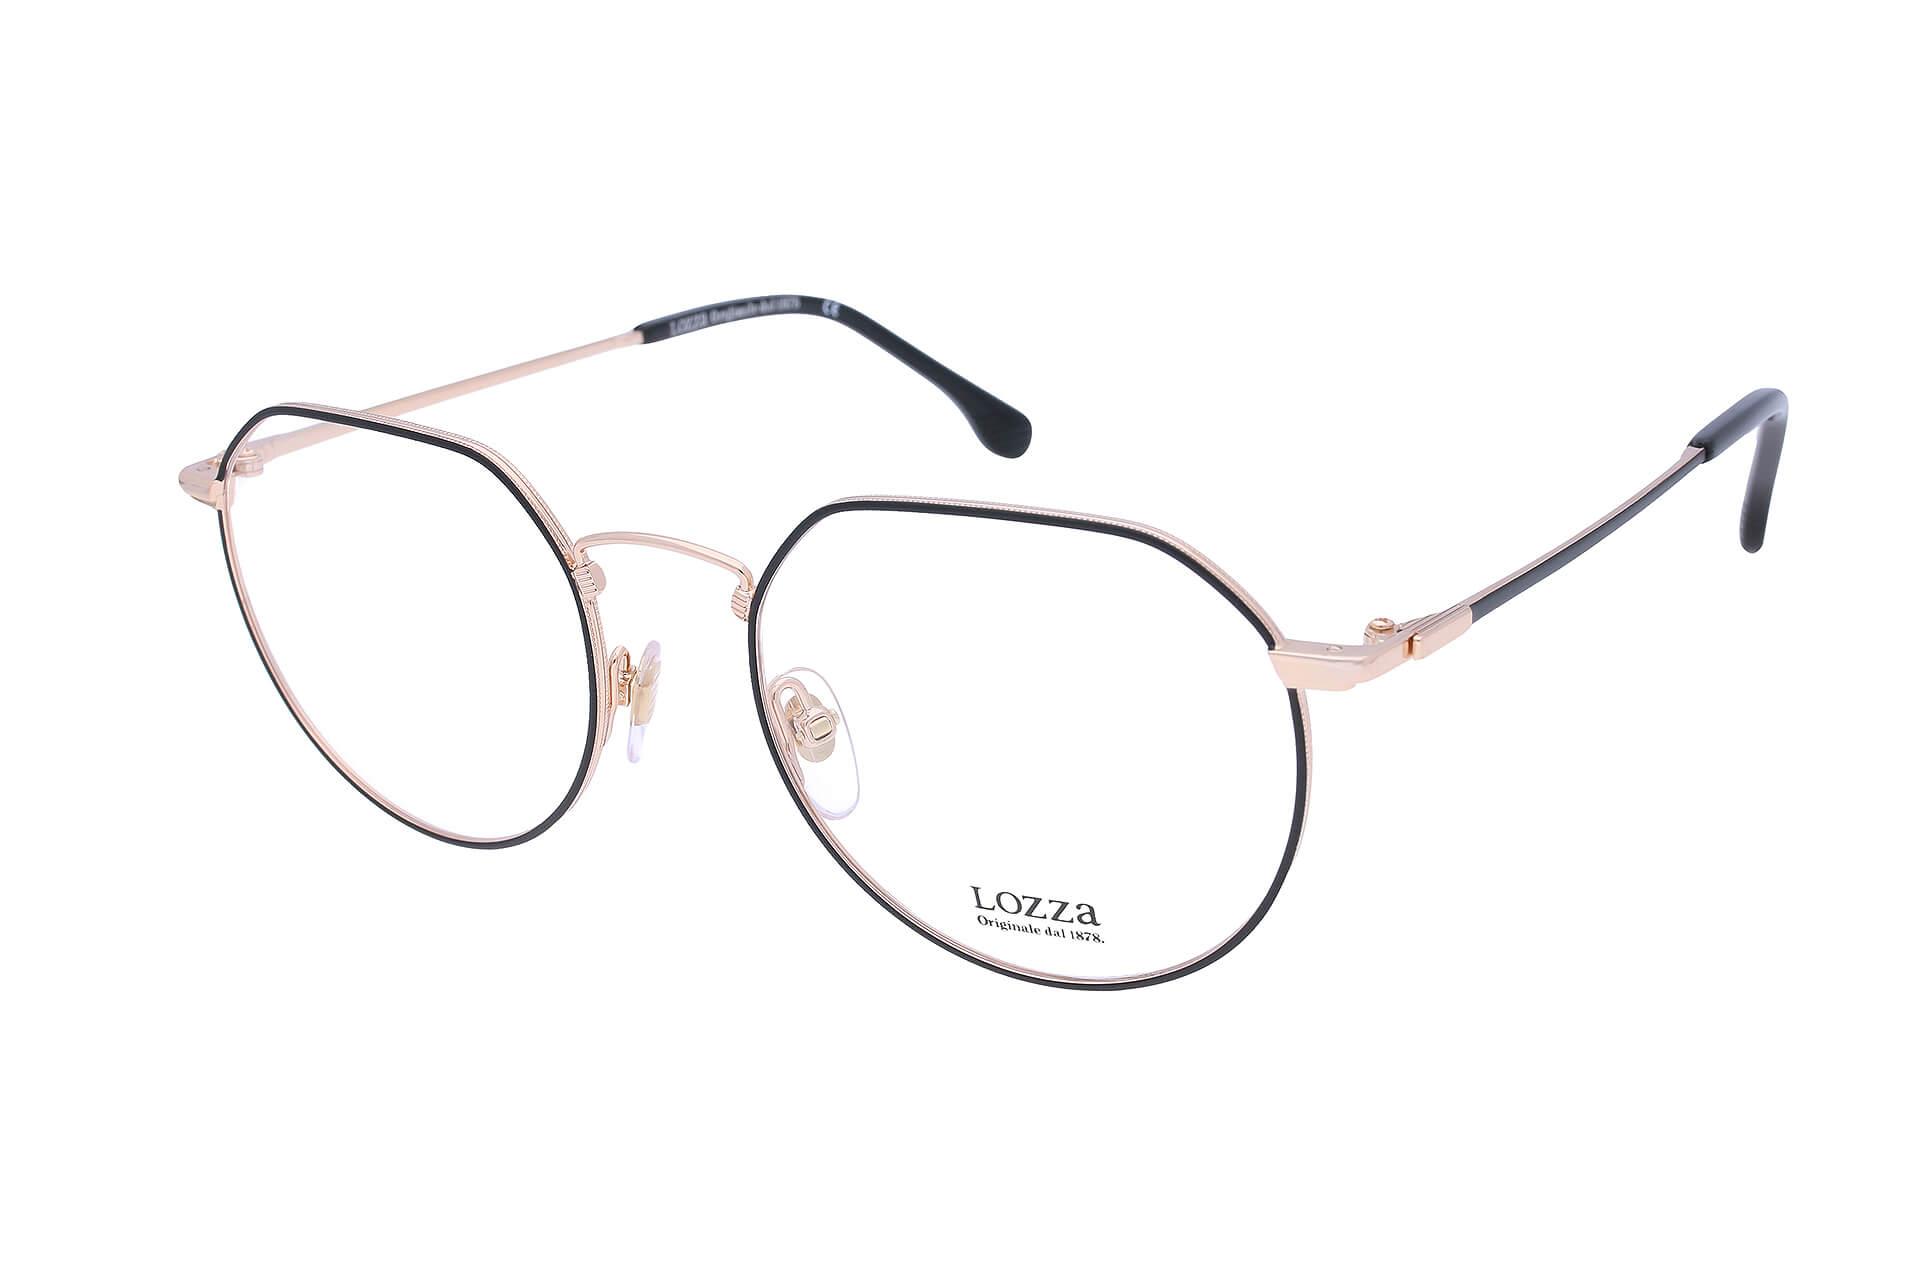 Lozza Brille Firenze 30 Vl2353 0302